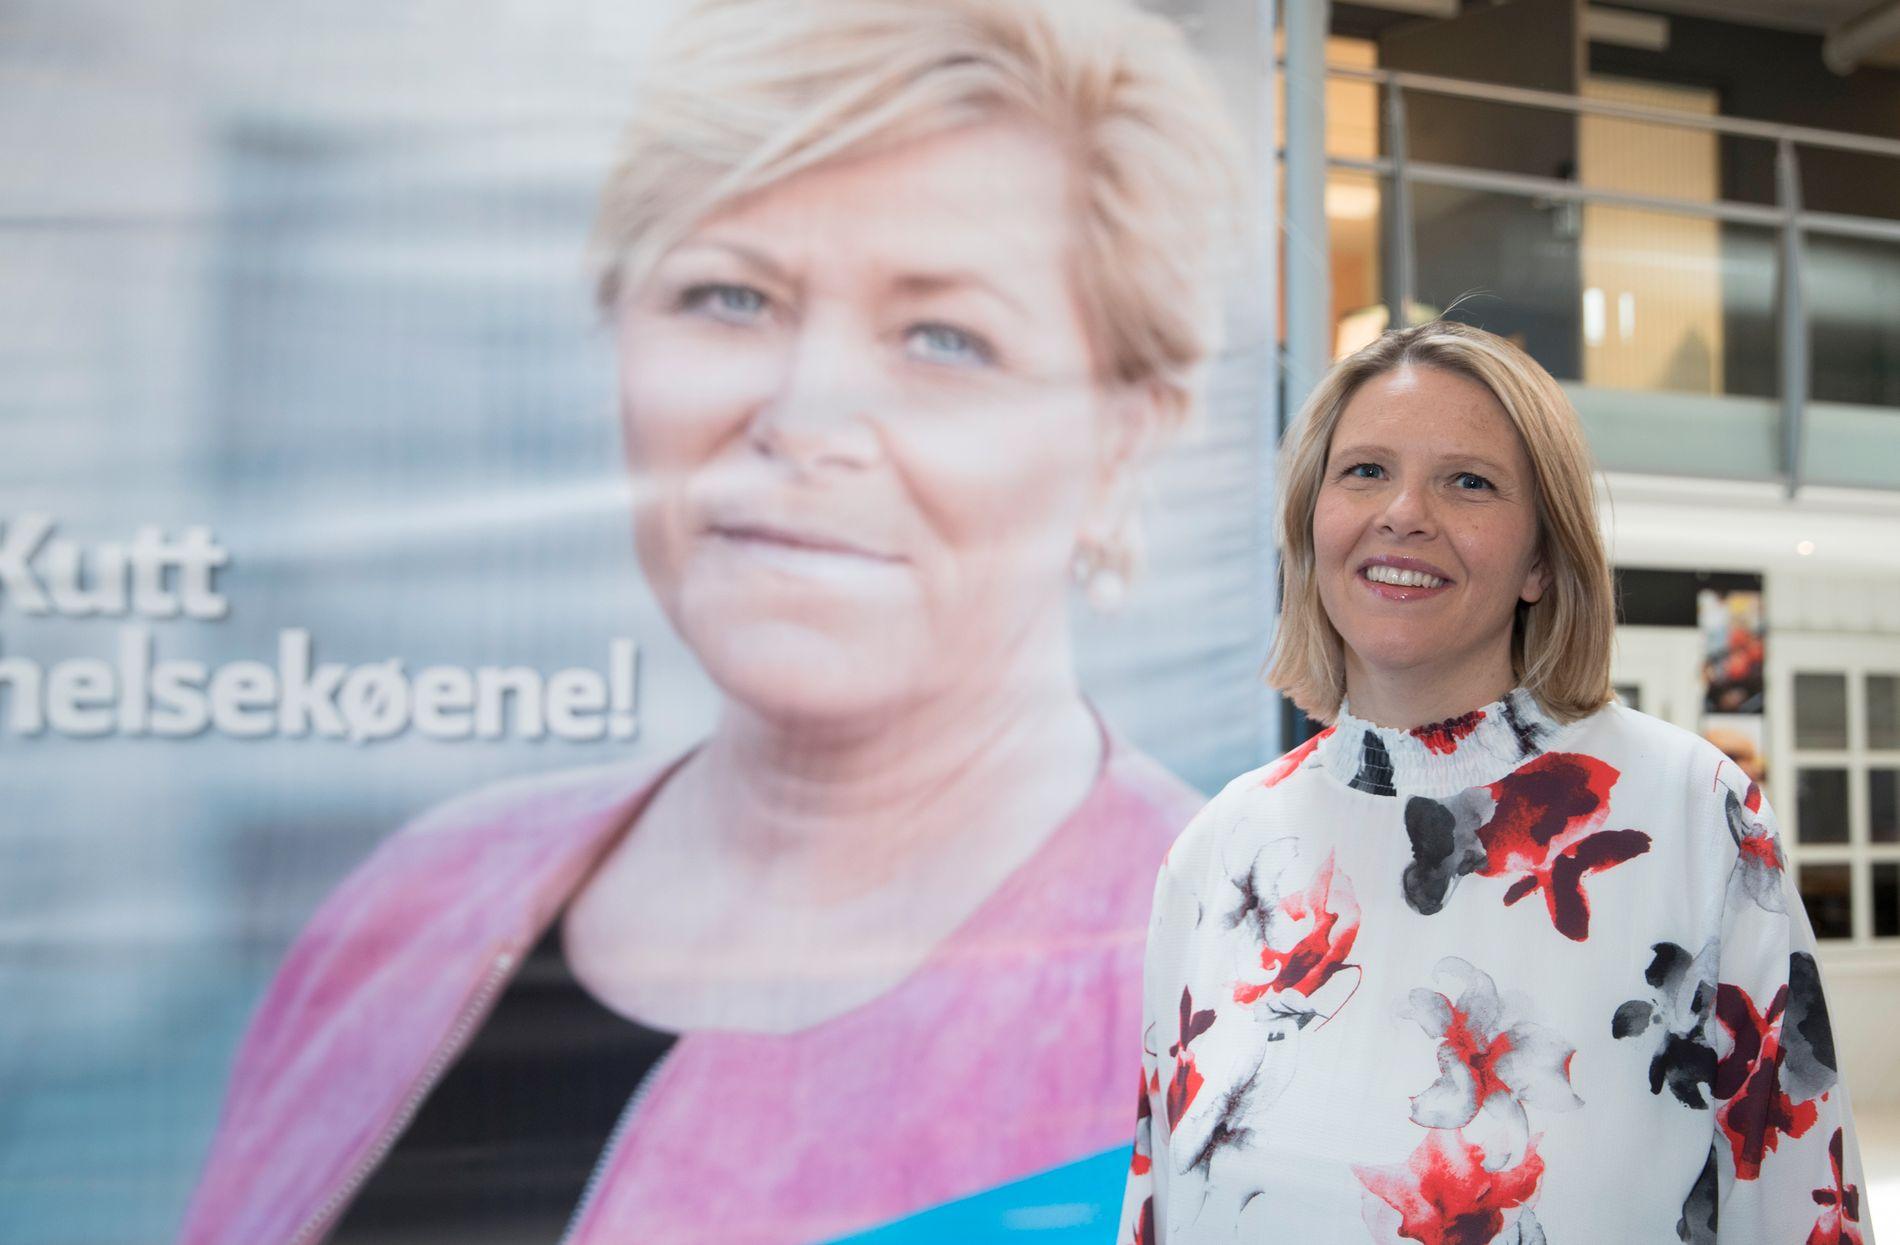 RETNINGSVALG: Hvilken visjon er det egentlig Siv Jensen og Sylvi Listhaug har for det fremtidige Norge, spør innsenderne.